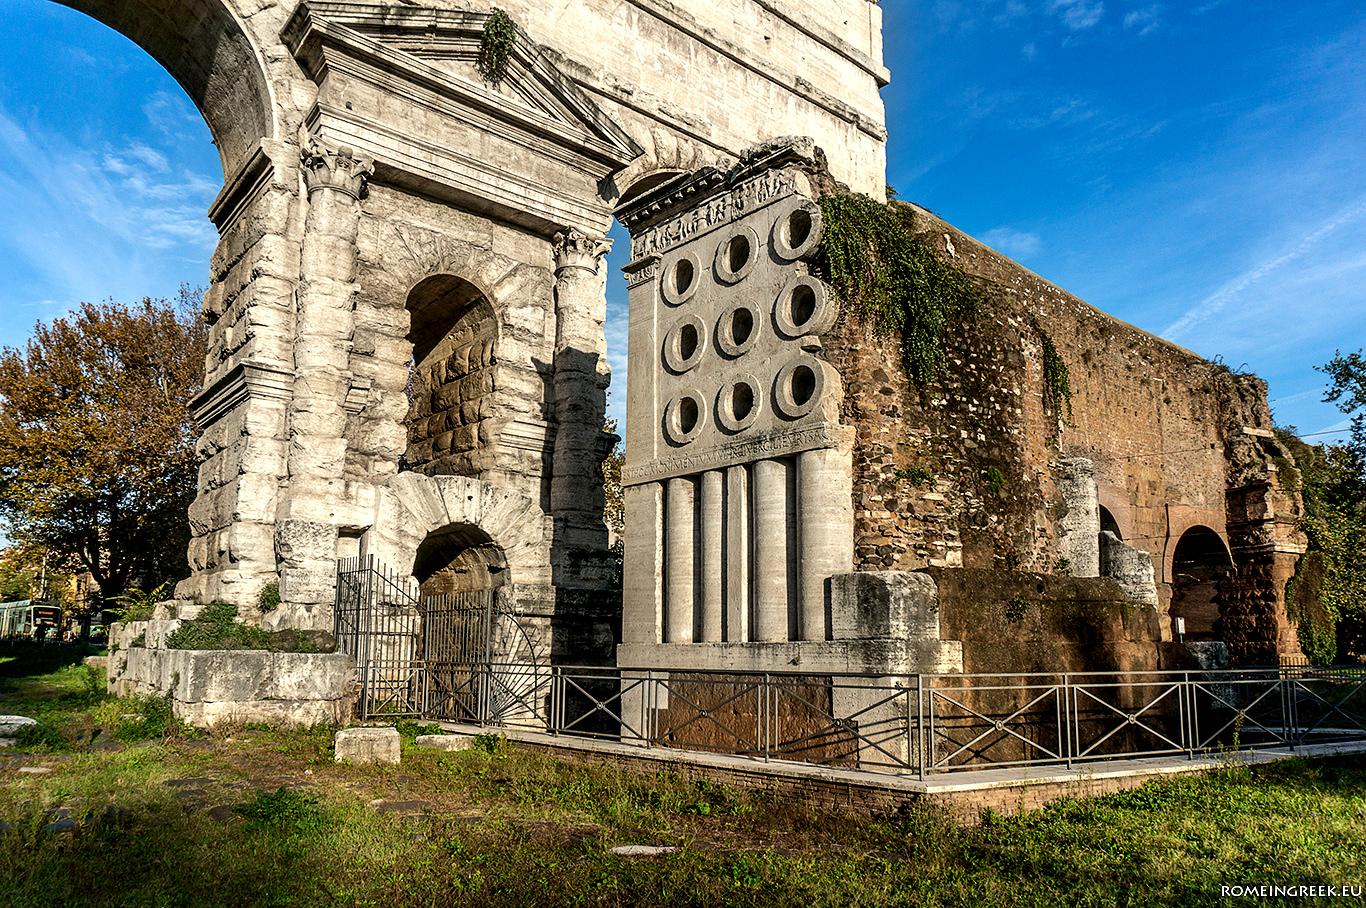 Ο τάφος του Ευρυσάκη μπροστά από την πύλη.